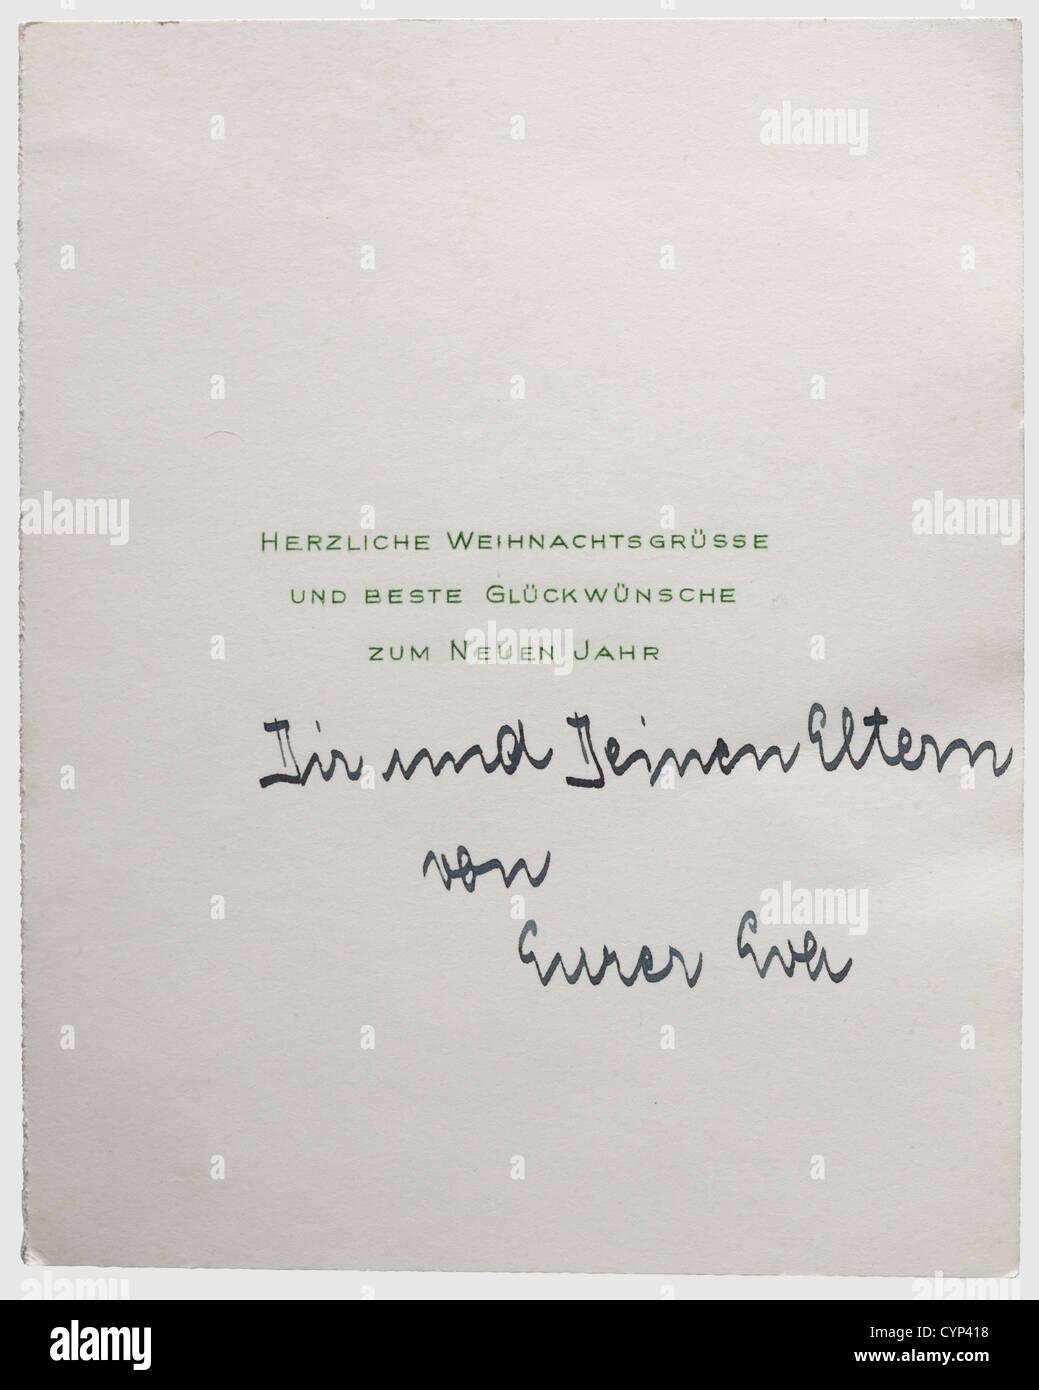 Weihnachtsgrüße An Eltern.Eva Braun Eine Signierte Weihnachtskarte Bedruckt Mit